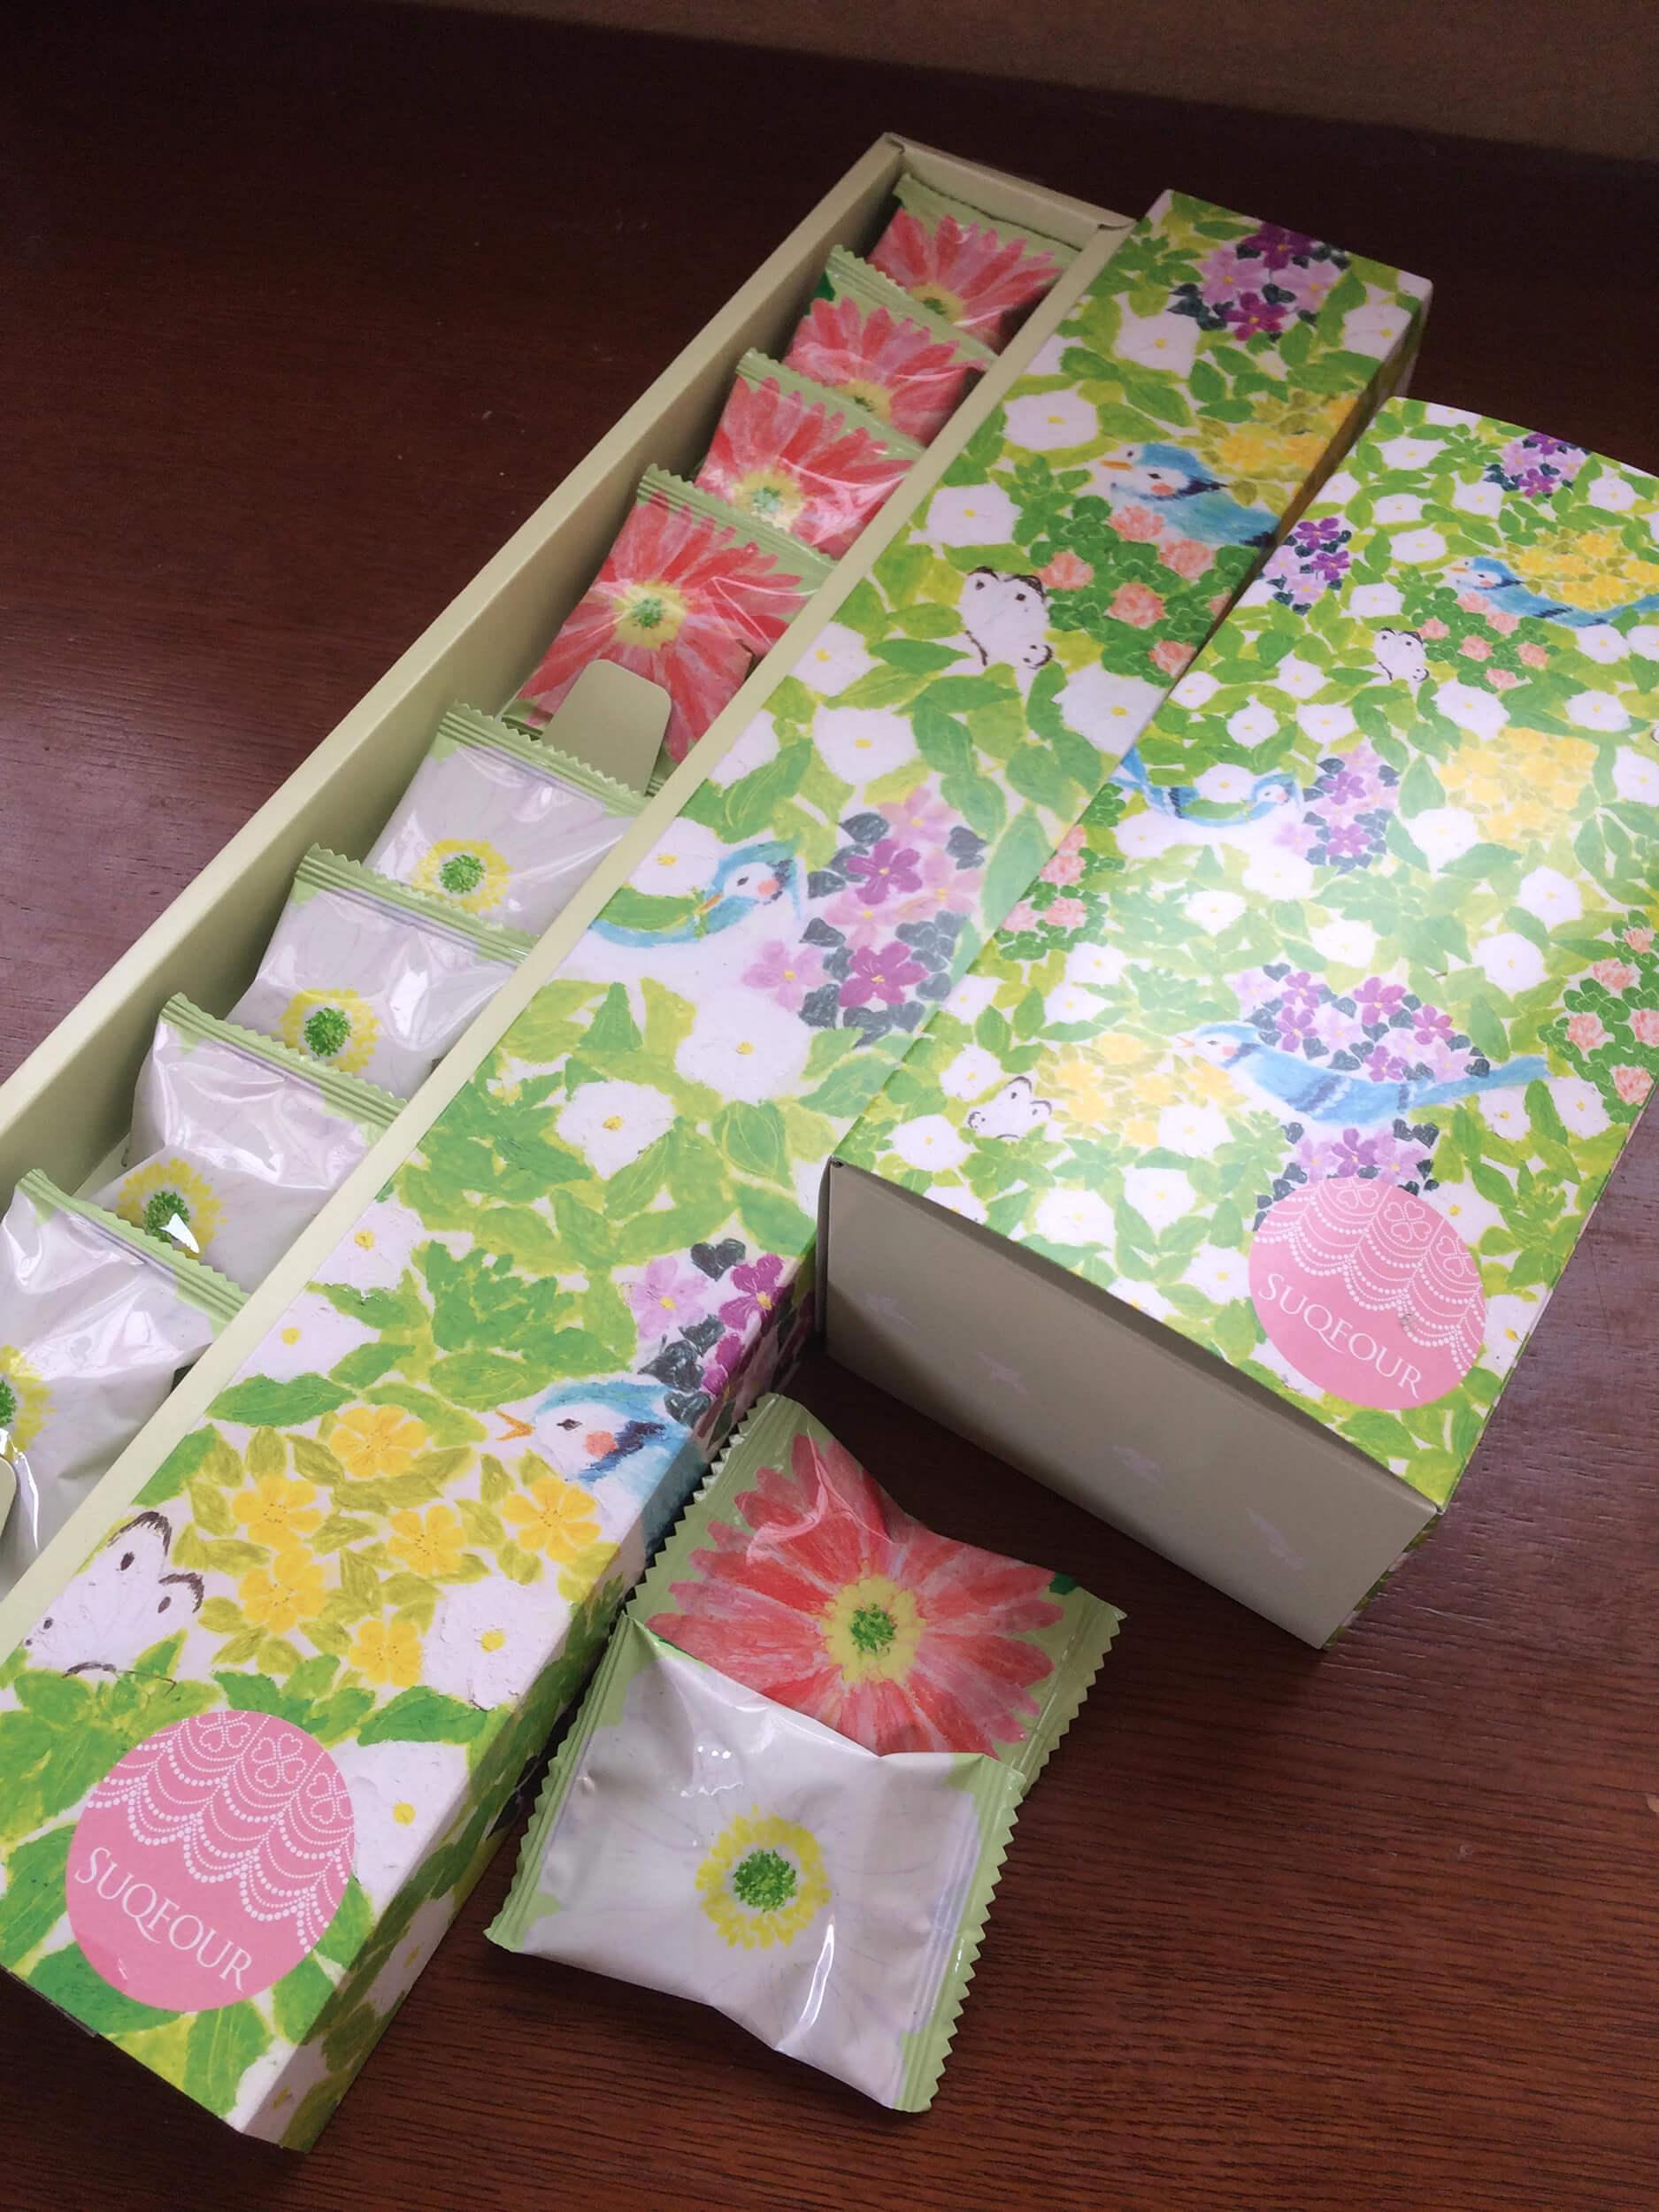 パッケージイラスト いわた2016年「お菓子の包には2色花」